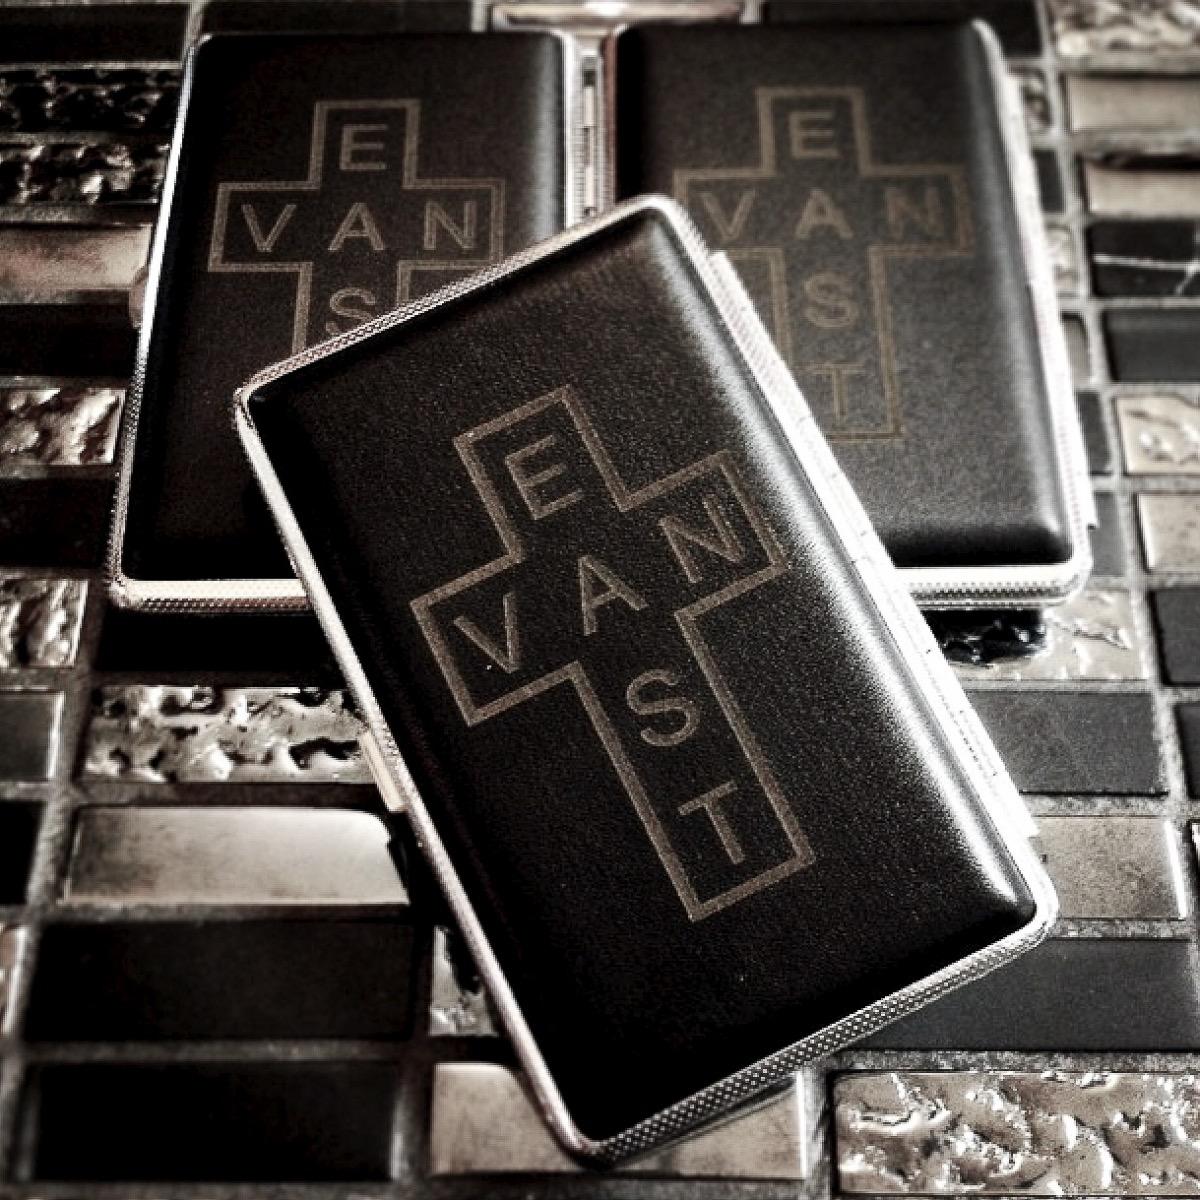 east_van_cross_cigarette_case